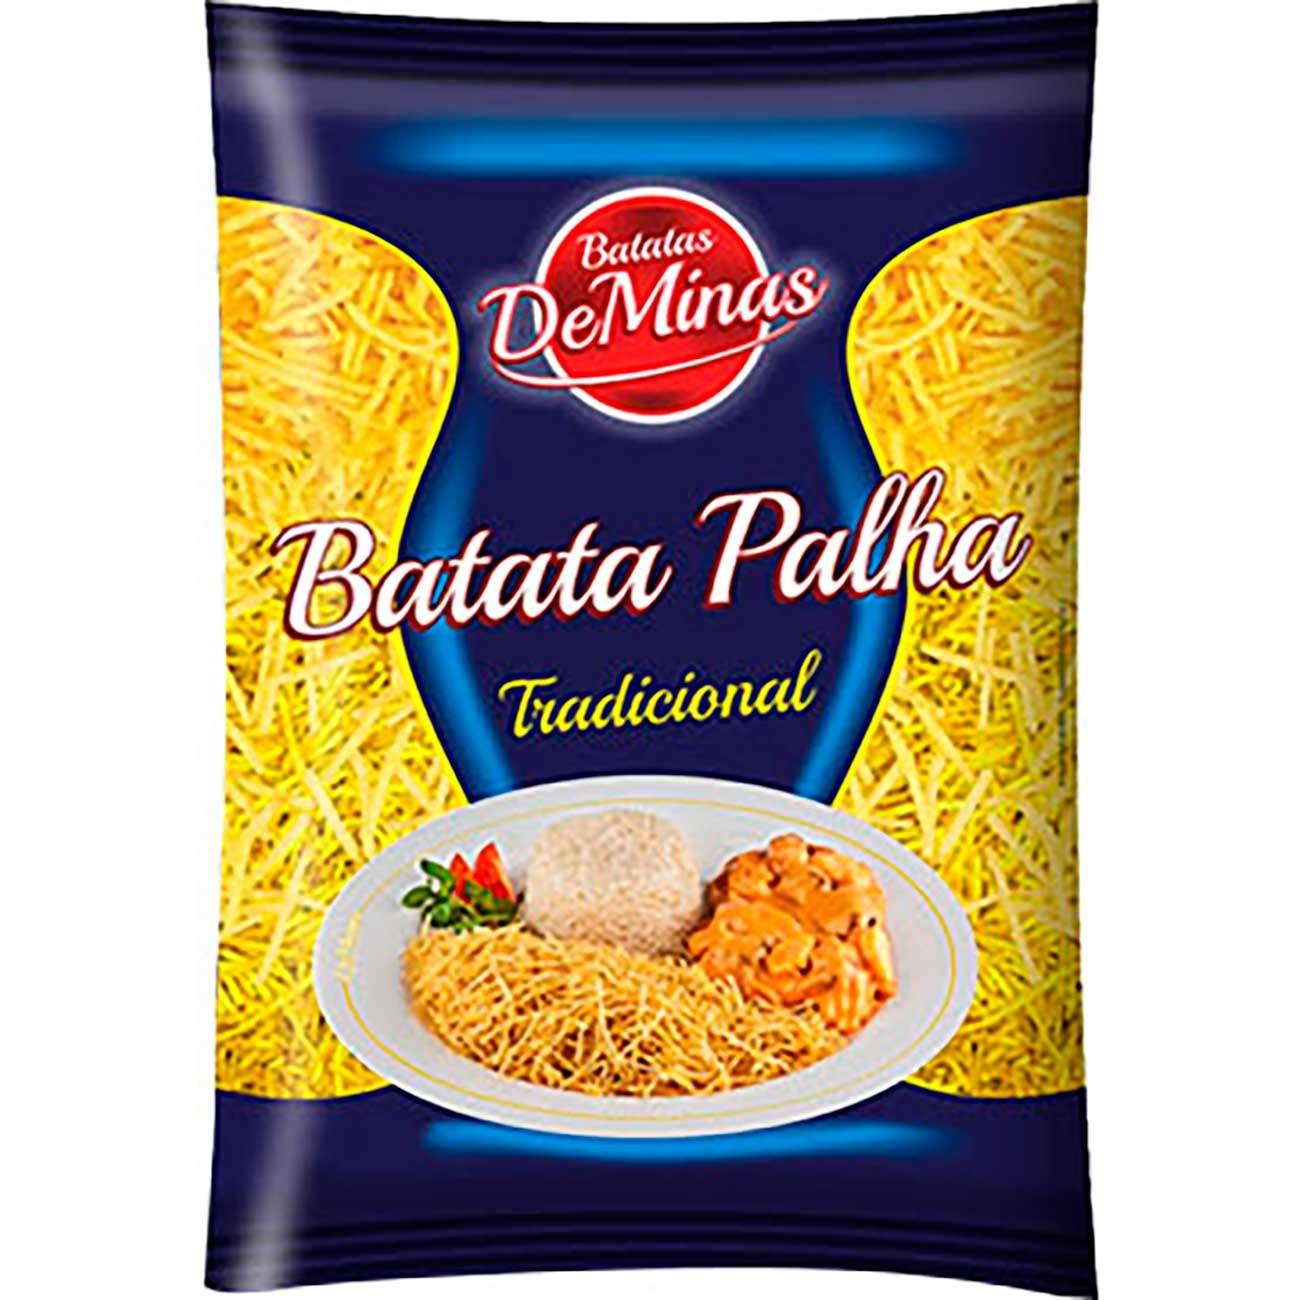 Batata Palha De Minas 200g | Caixa com 35 unidades